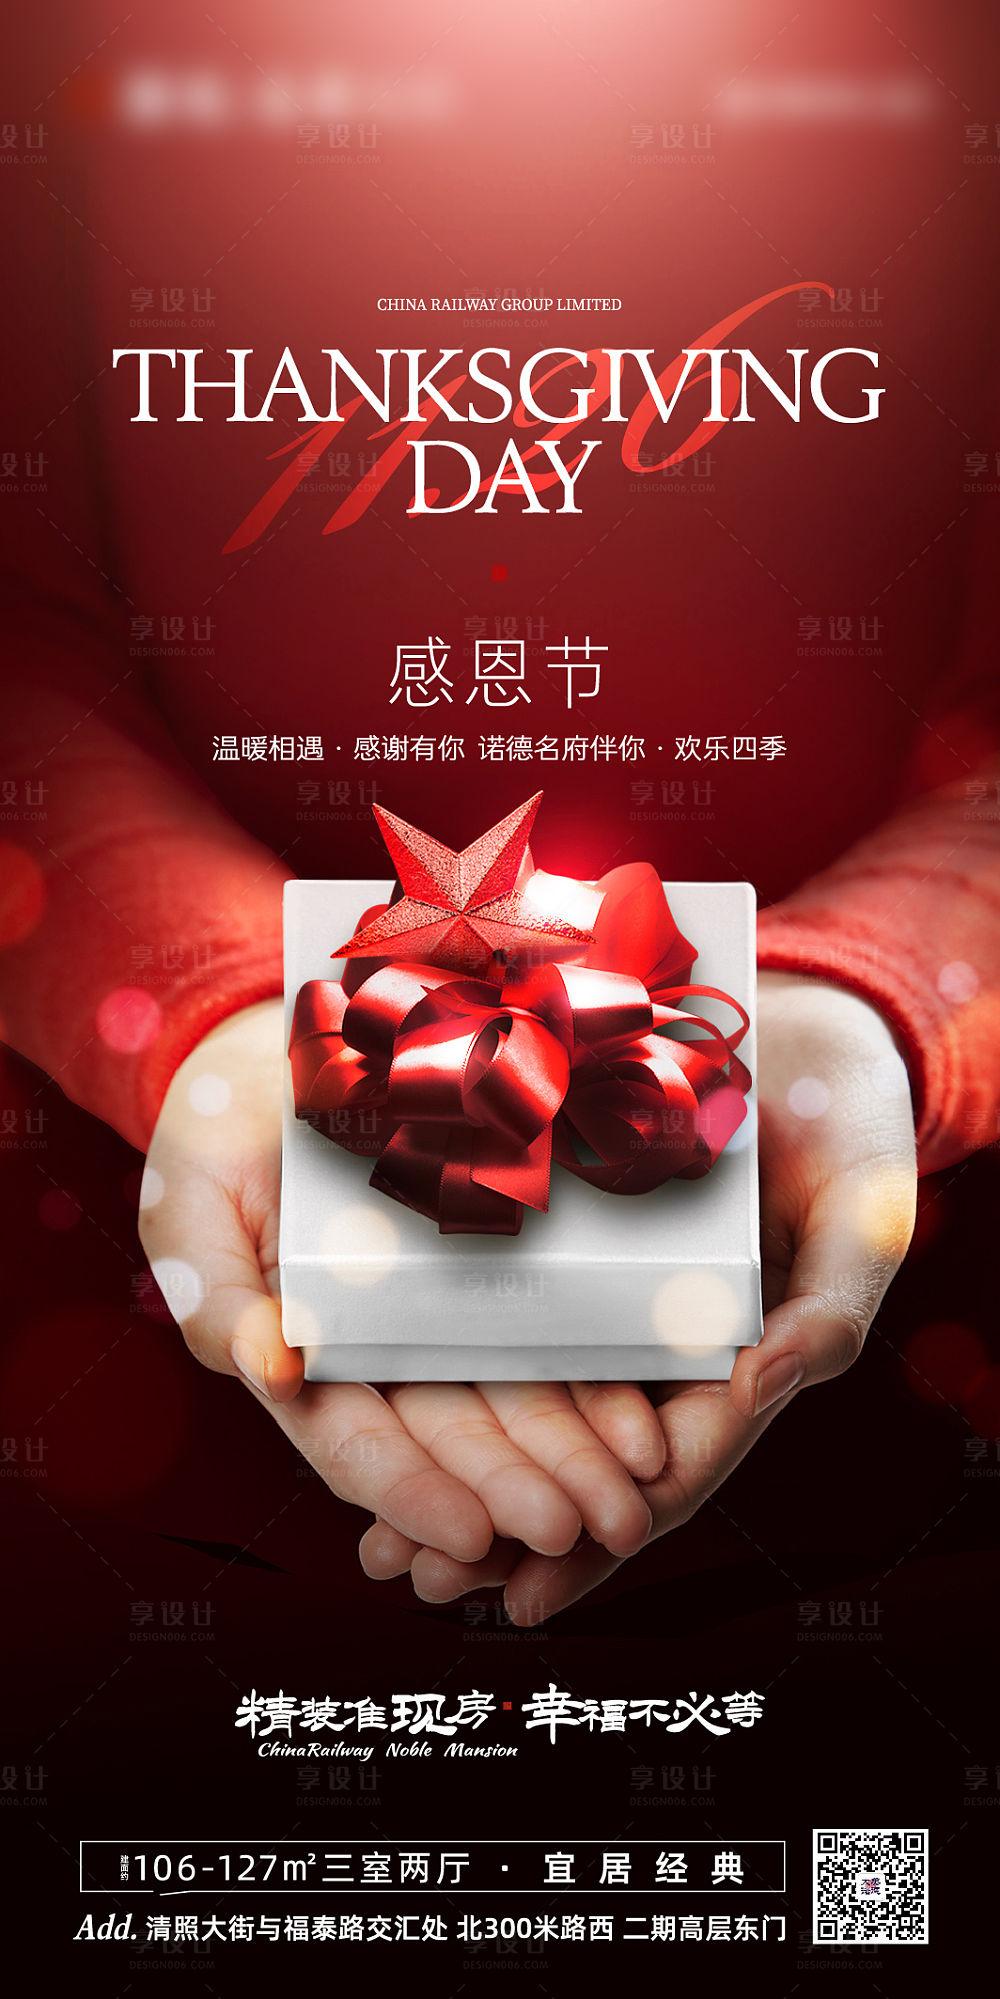 【源文件下载】 海报 房地产 公历节日 感恩节 礼盒 温馨设计作品 设计图集